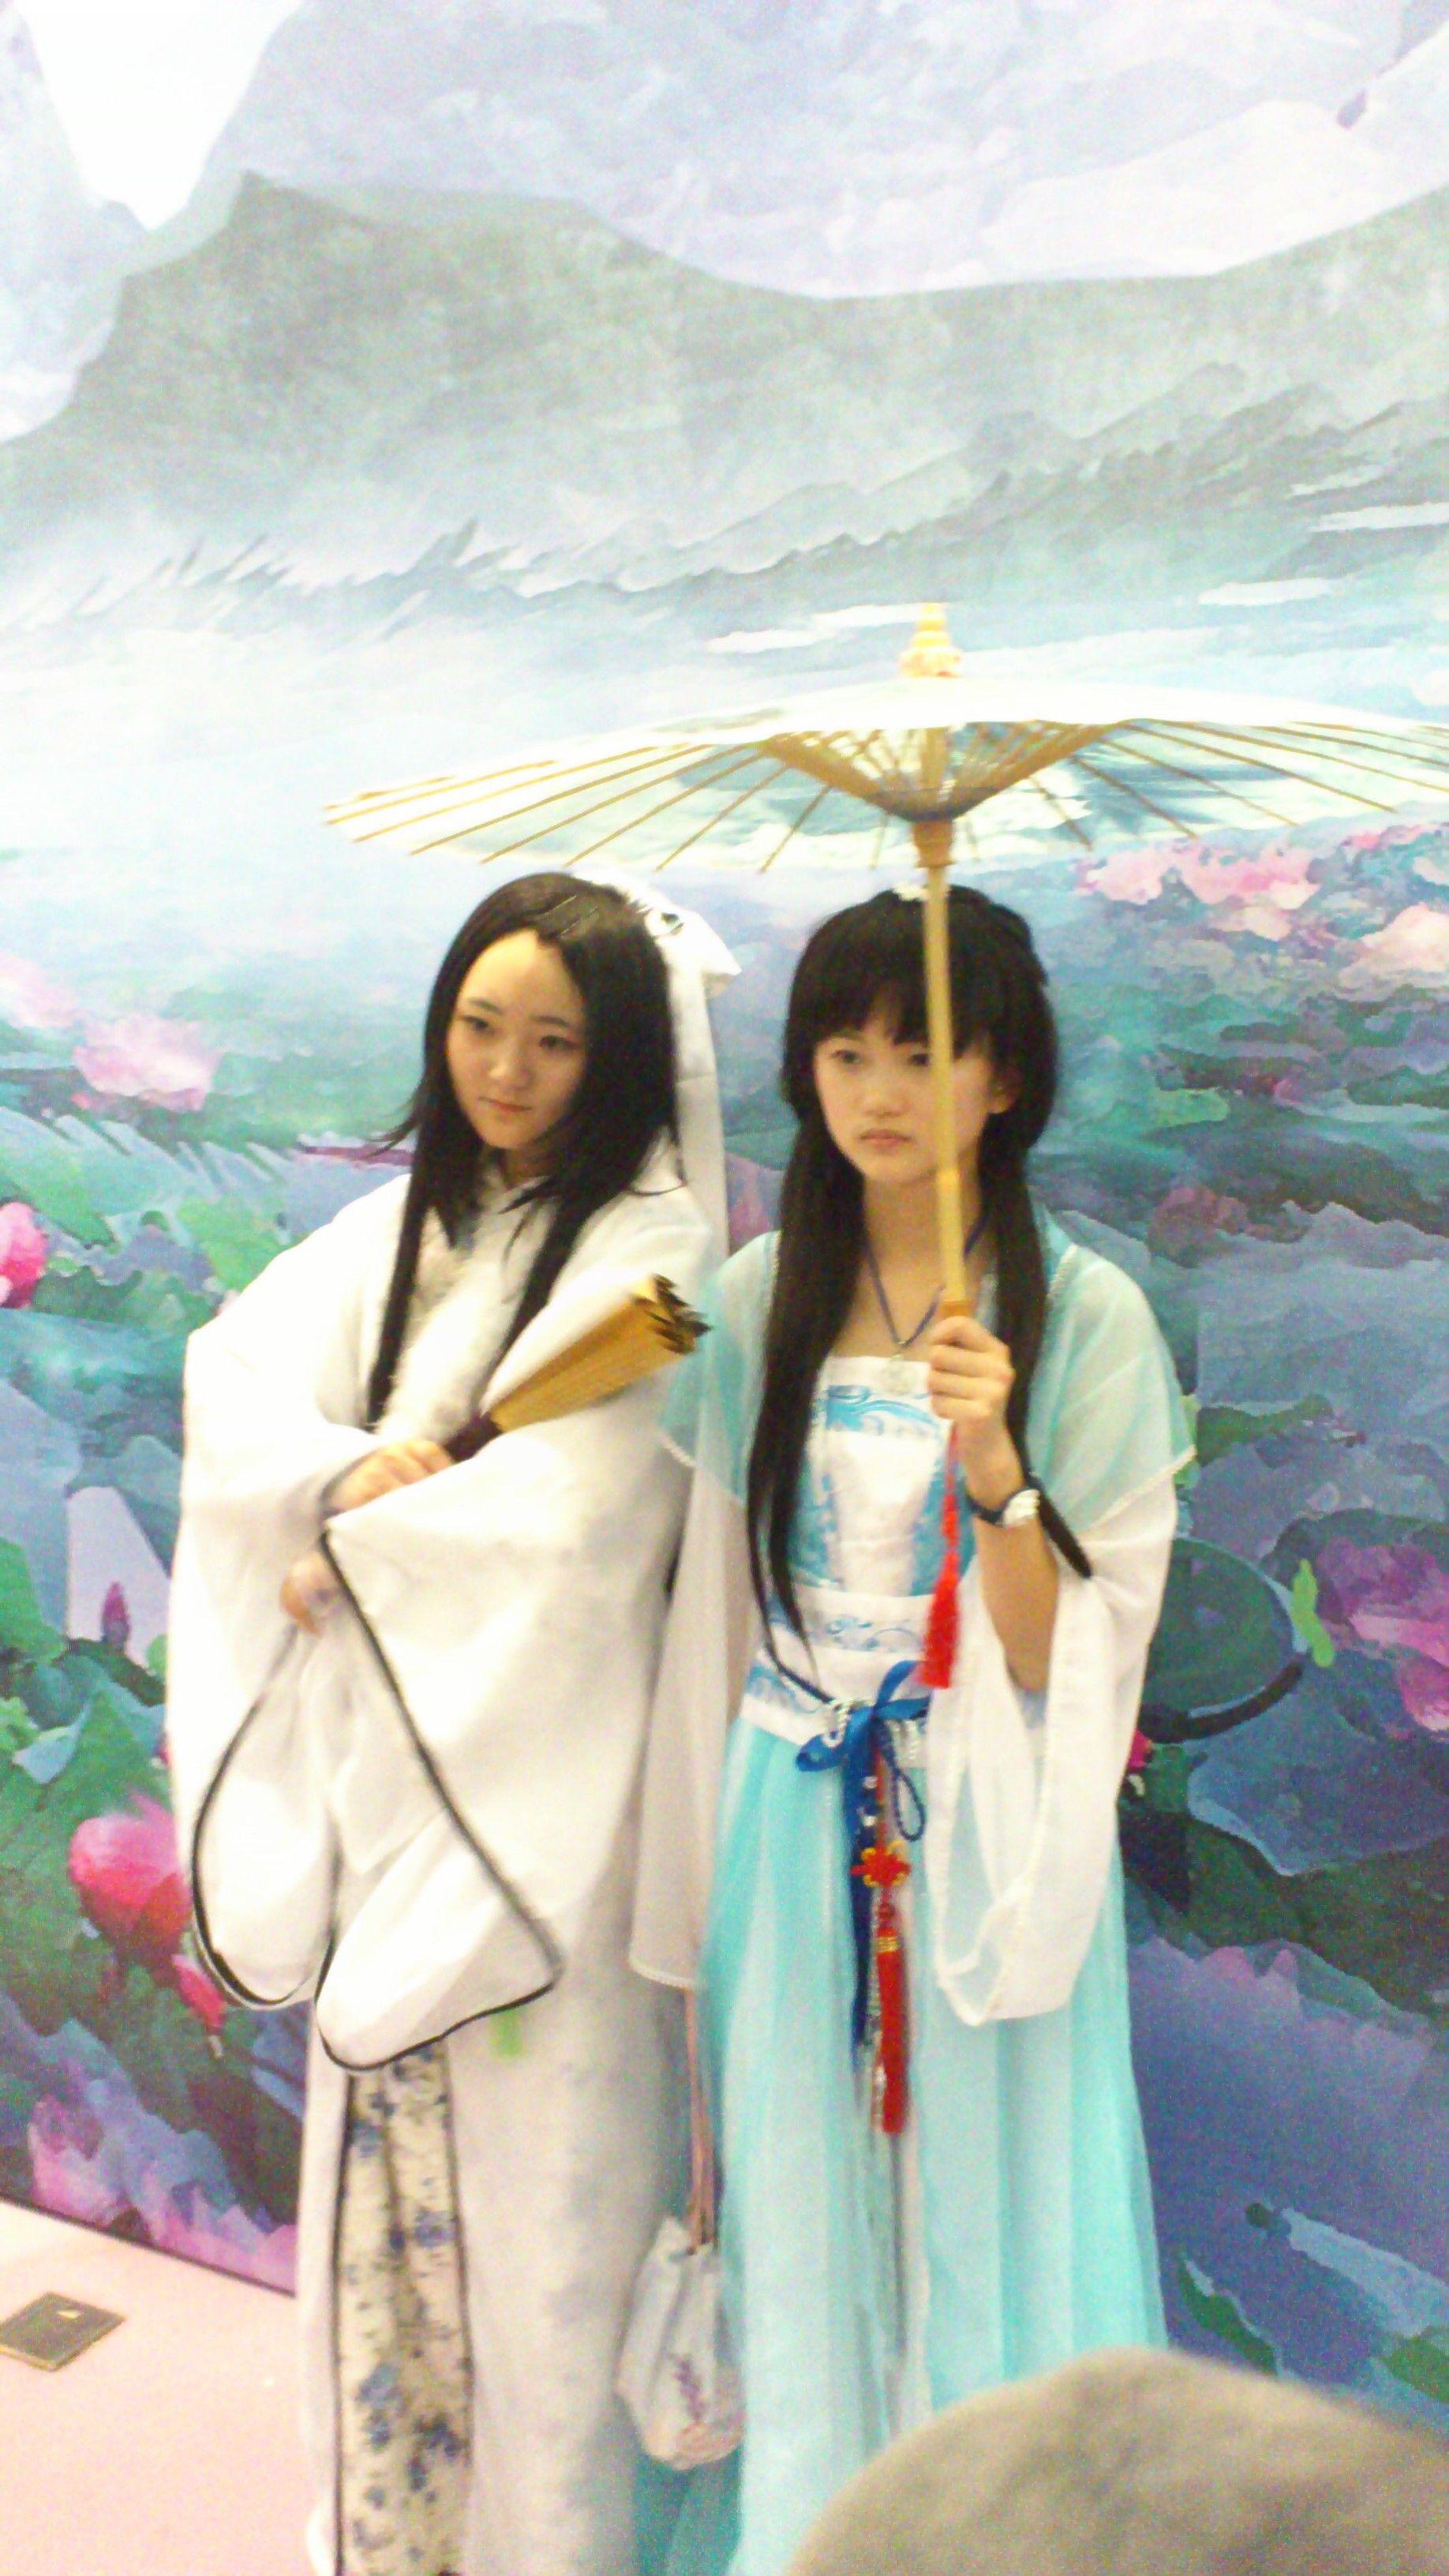 2013年杭州动漫节这个撑伞美女是哪部动画片里的角色